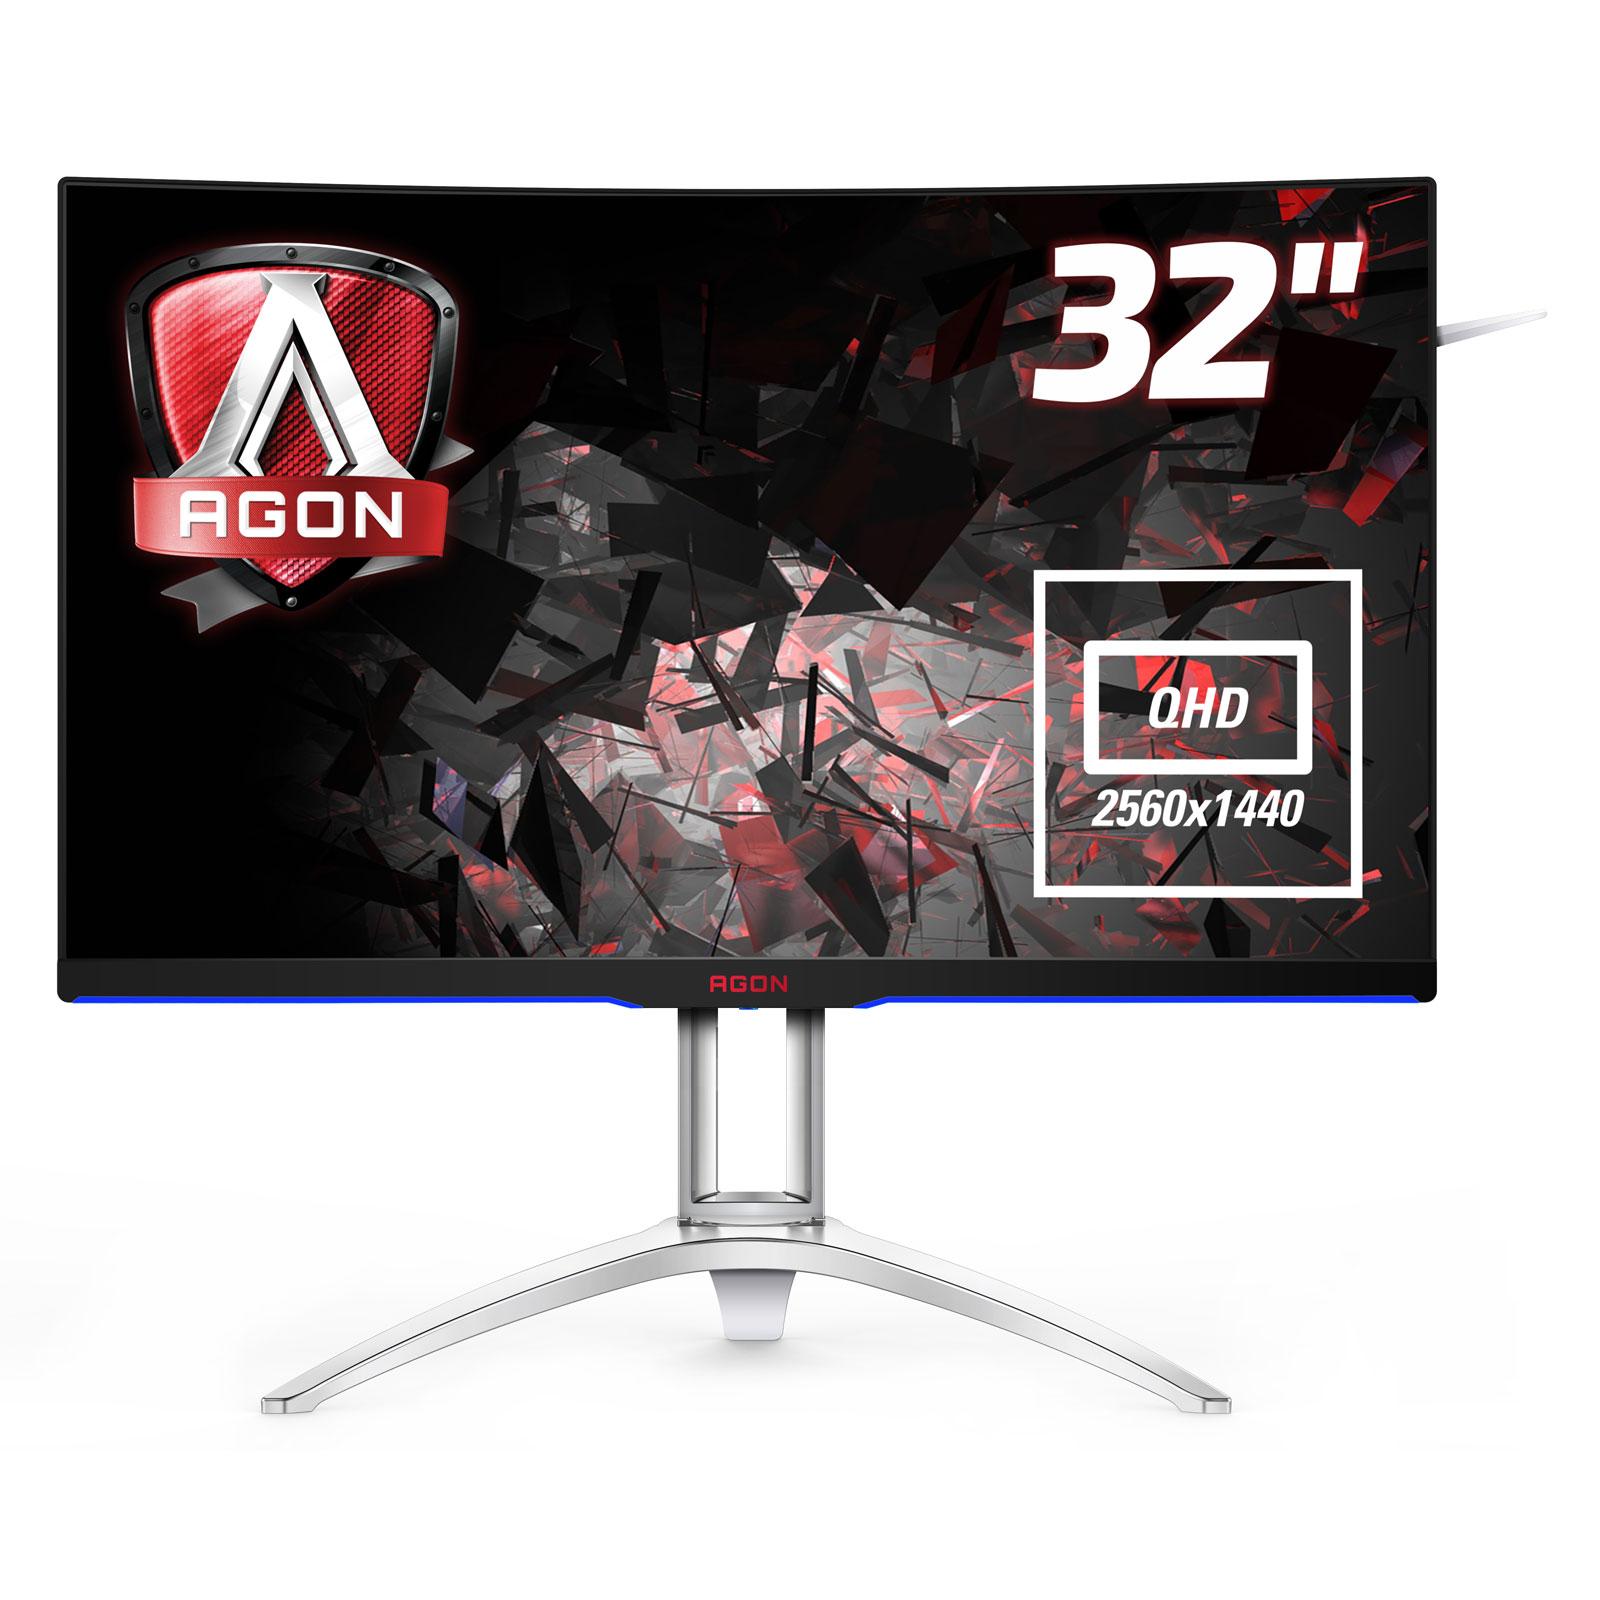 """Ecran PC AOC 31.5"""" LED - AGON AG322QCX 2560 x 1440 pixels - 4 ms (gris à gris) - Format large 16/9 - Dalle MVA incurvée - 144 Hz - DisplayPort - HDMI - Adaptive-Sync - Hub USB 3.0 - Noir/Argent"""